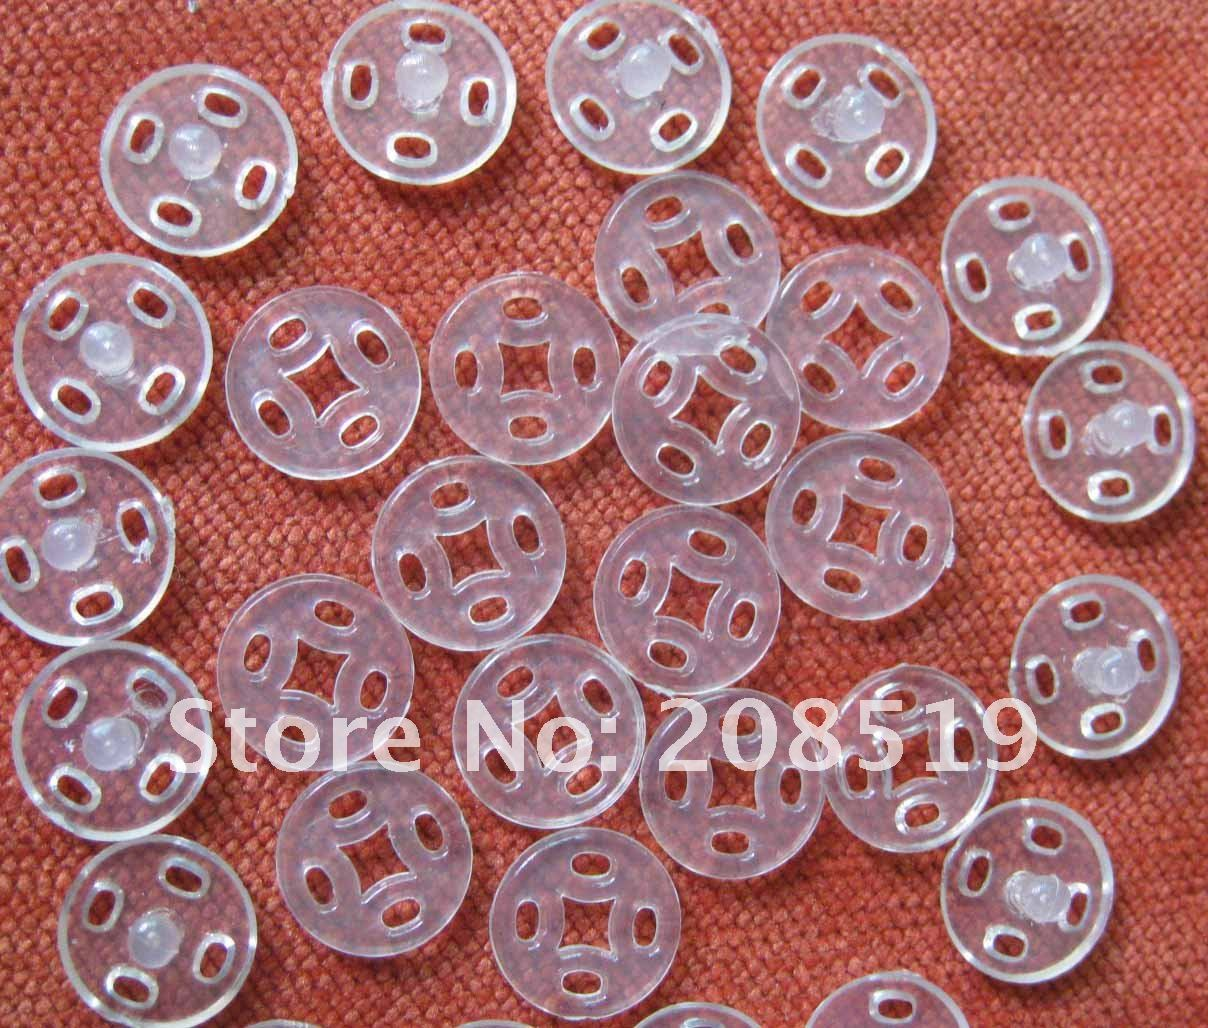 NB0063 500 наборы 10 мм Прозрачные заклепки для одежды Швейные принадлежности